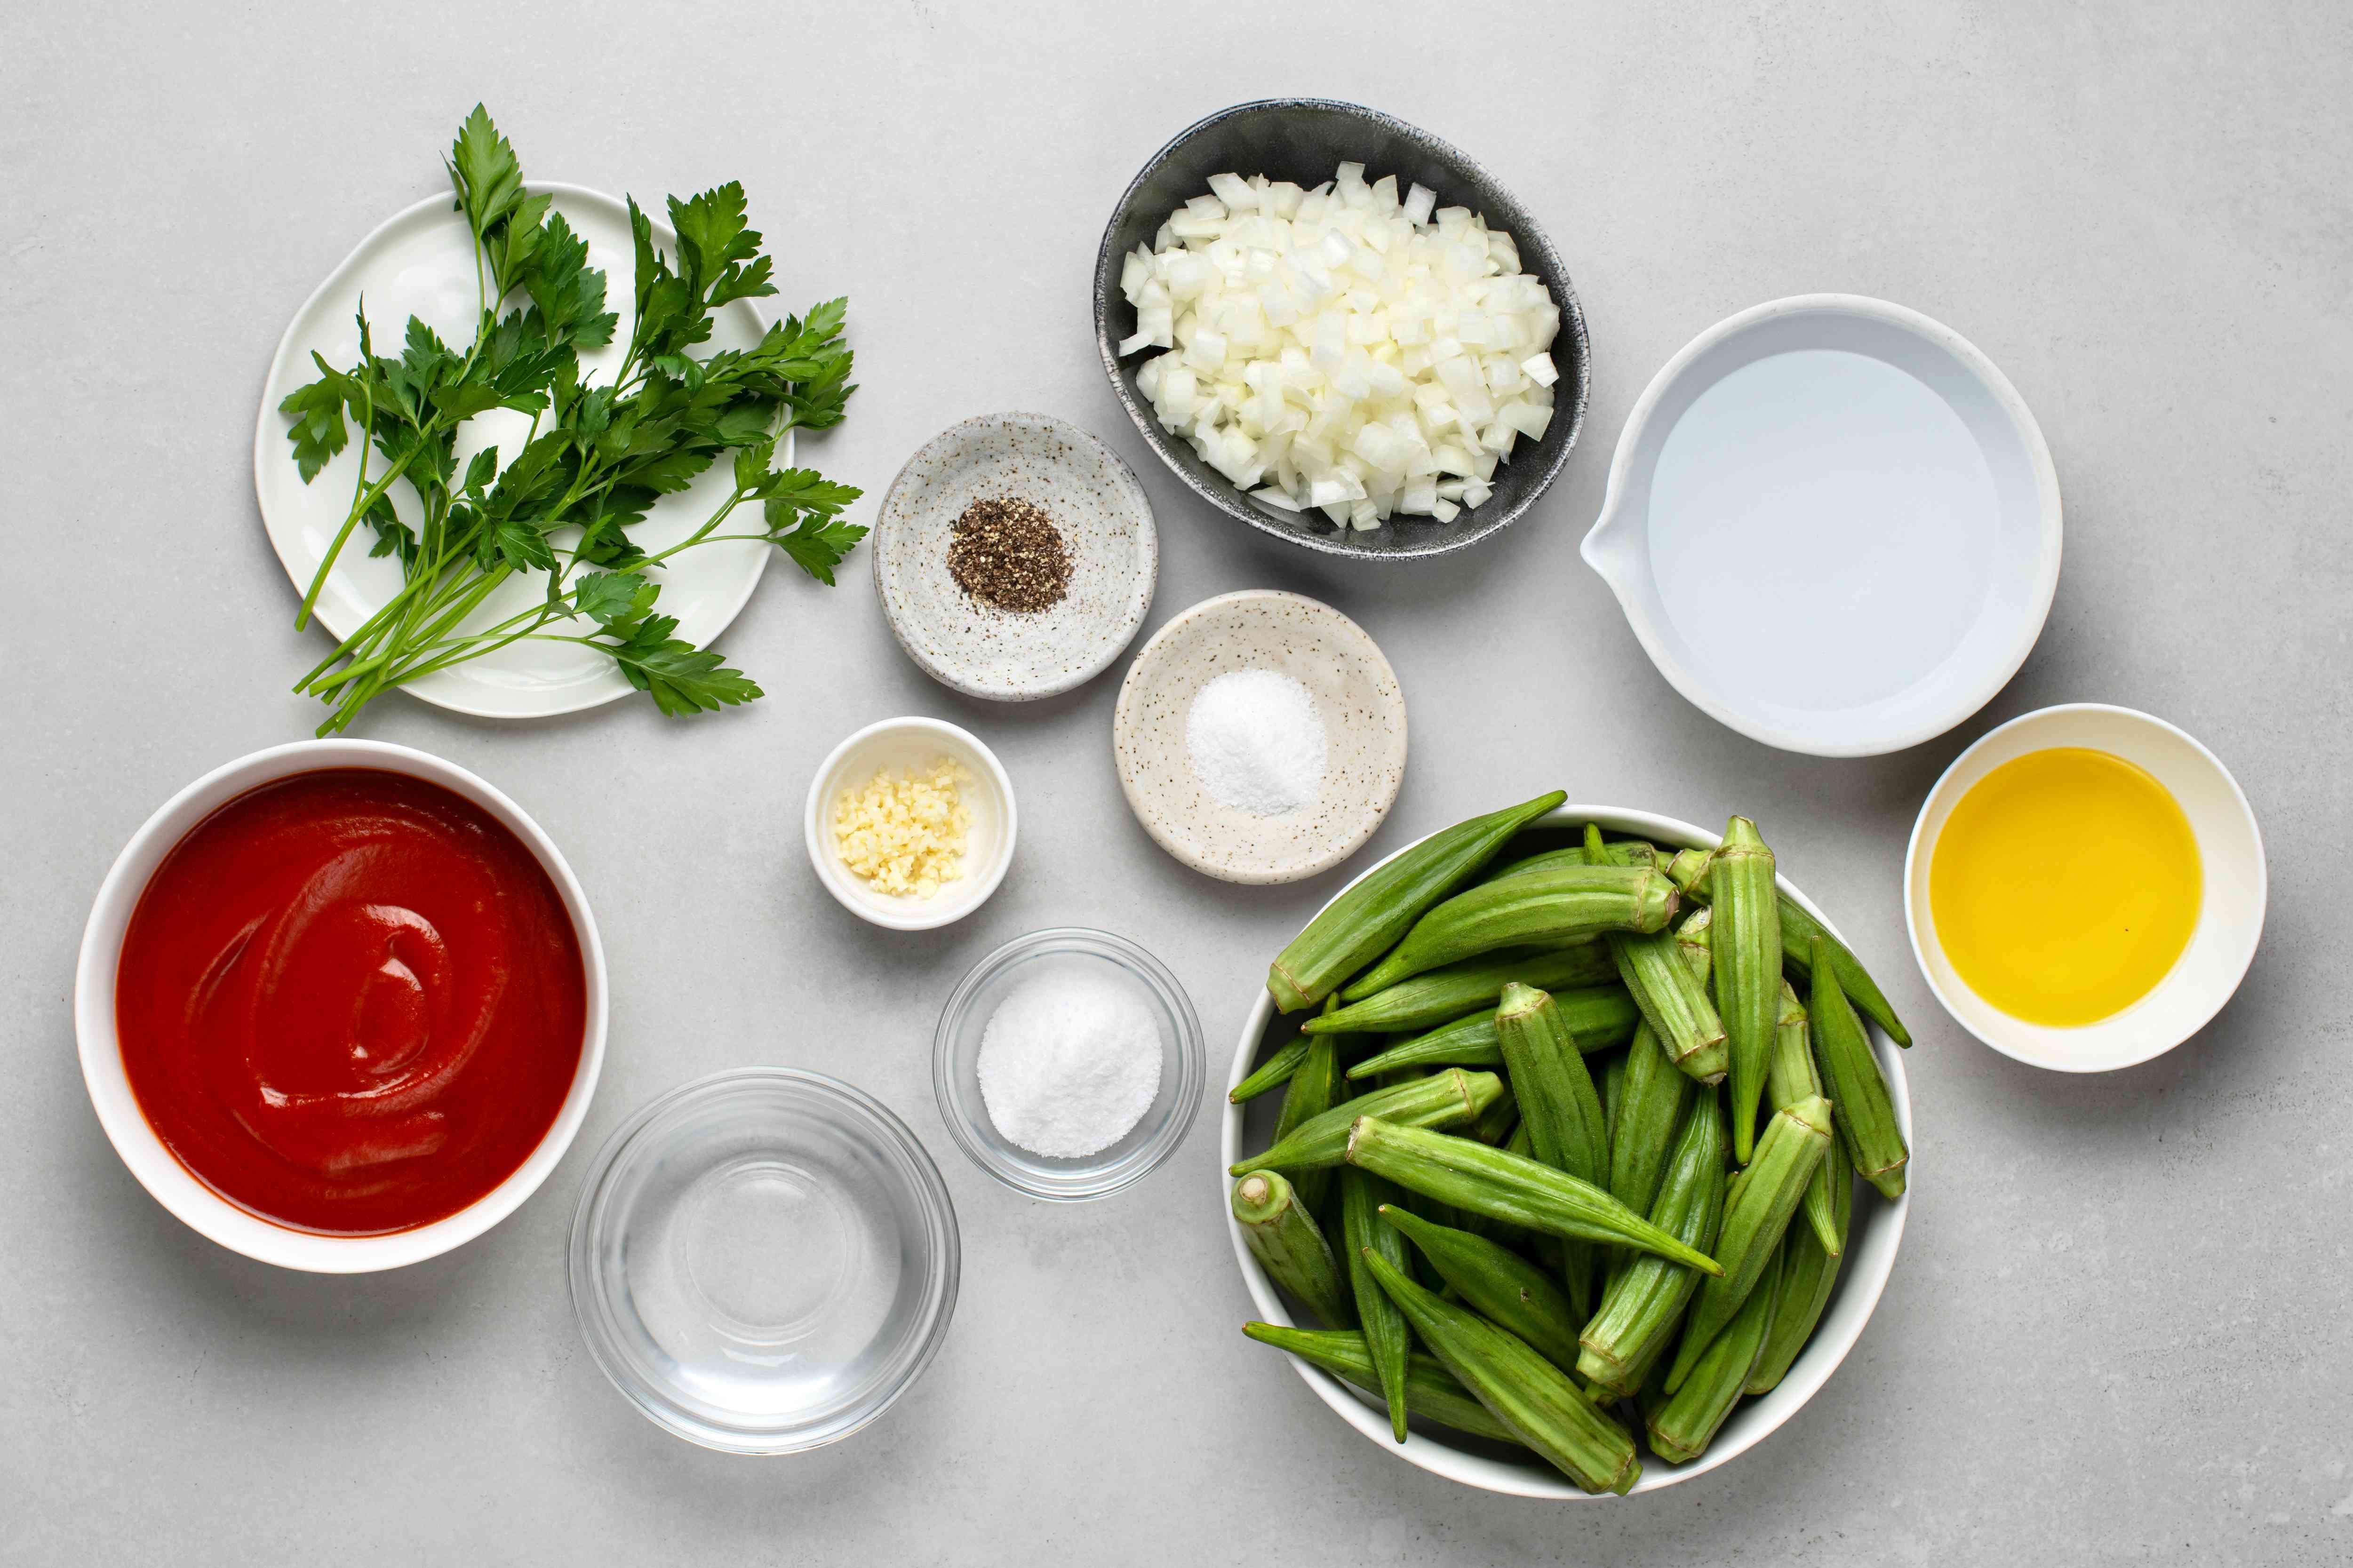 Bamies Latheres me Domata: Stewed Okra in Tomato Sauce ingredients